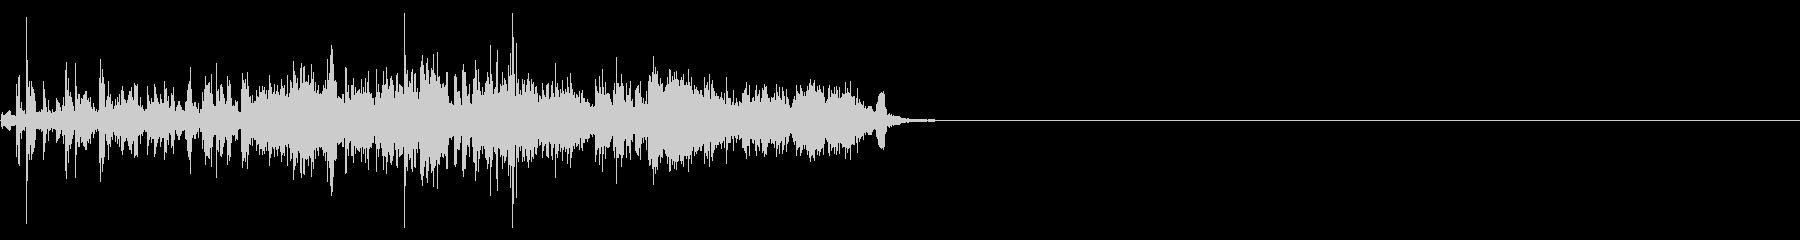 メタルシフト、チャイム、チェーン、...の未再生の波形